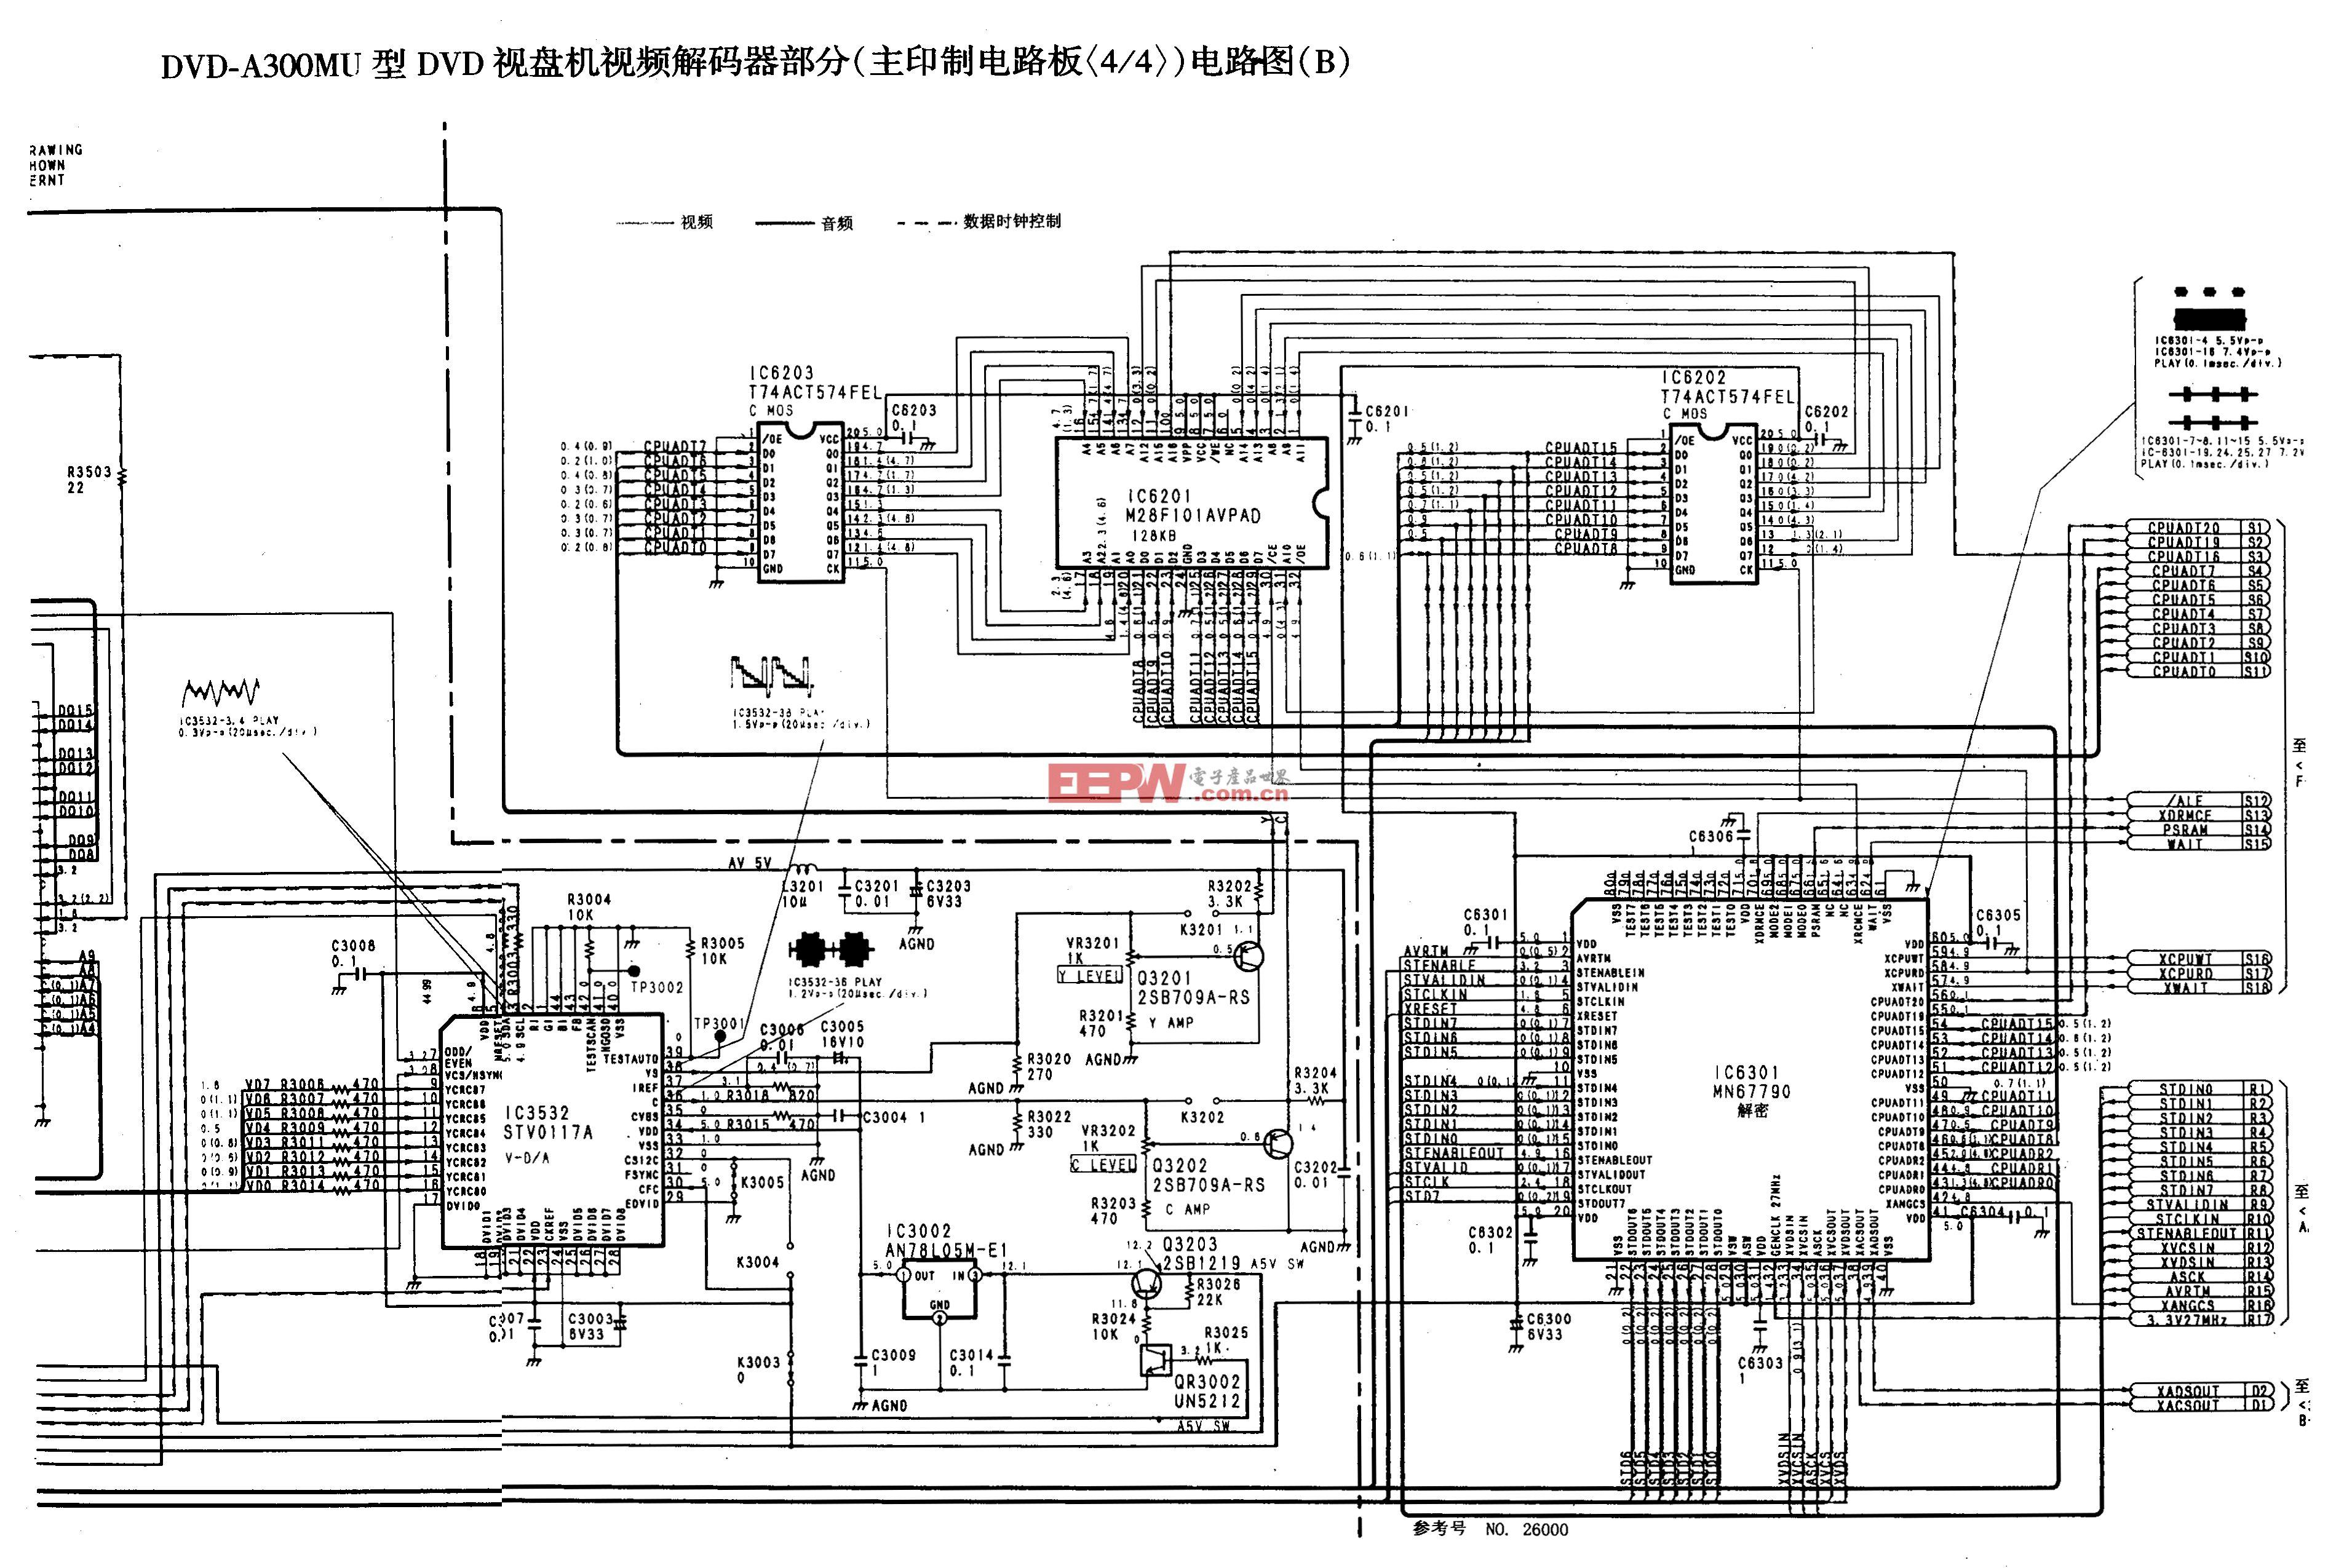 松下DVD-A300MU型DVD-视频解码器部分B